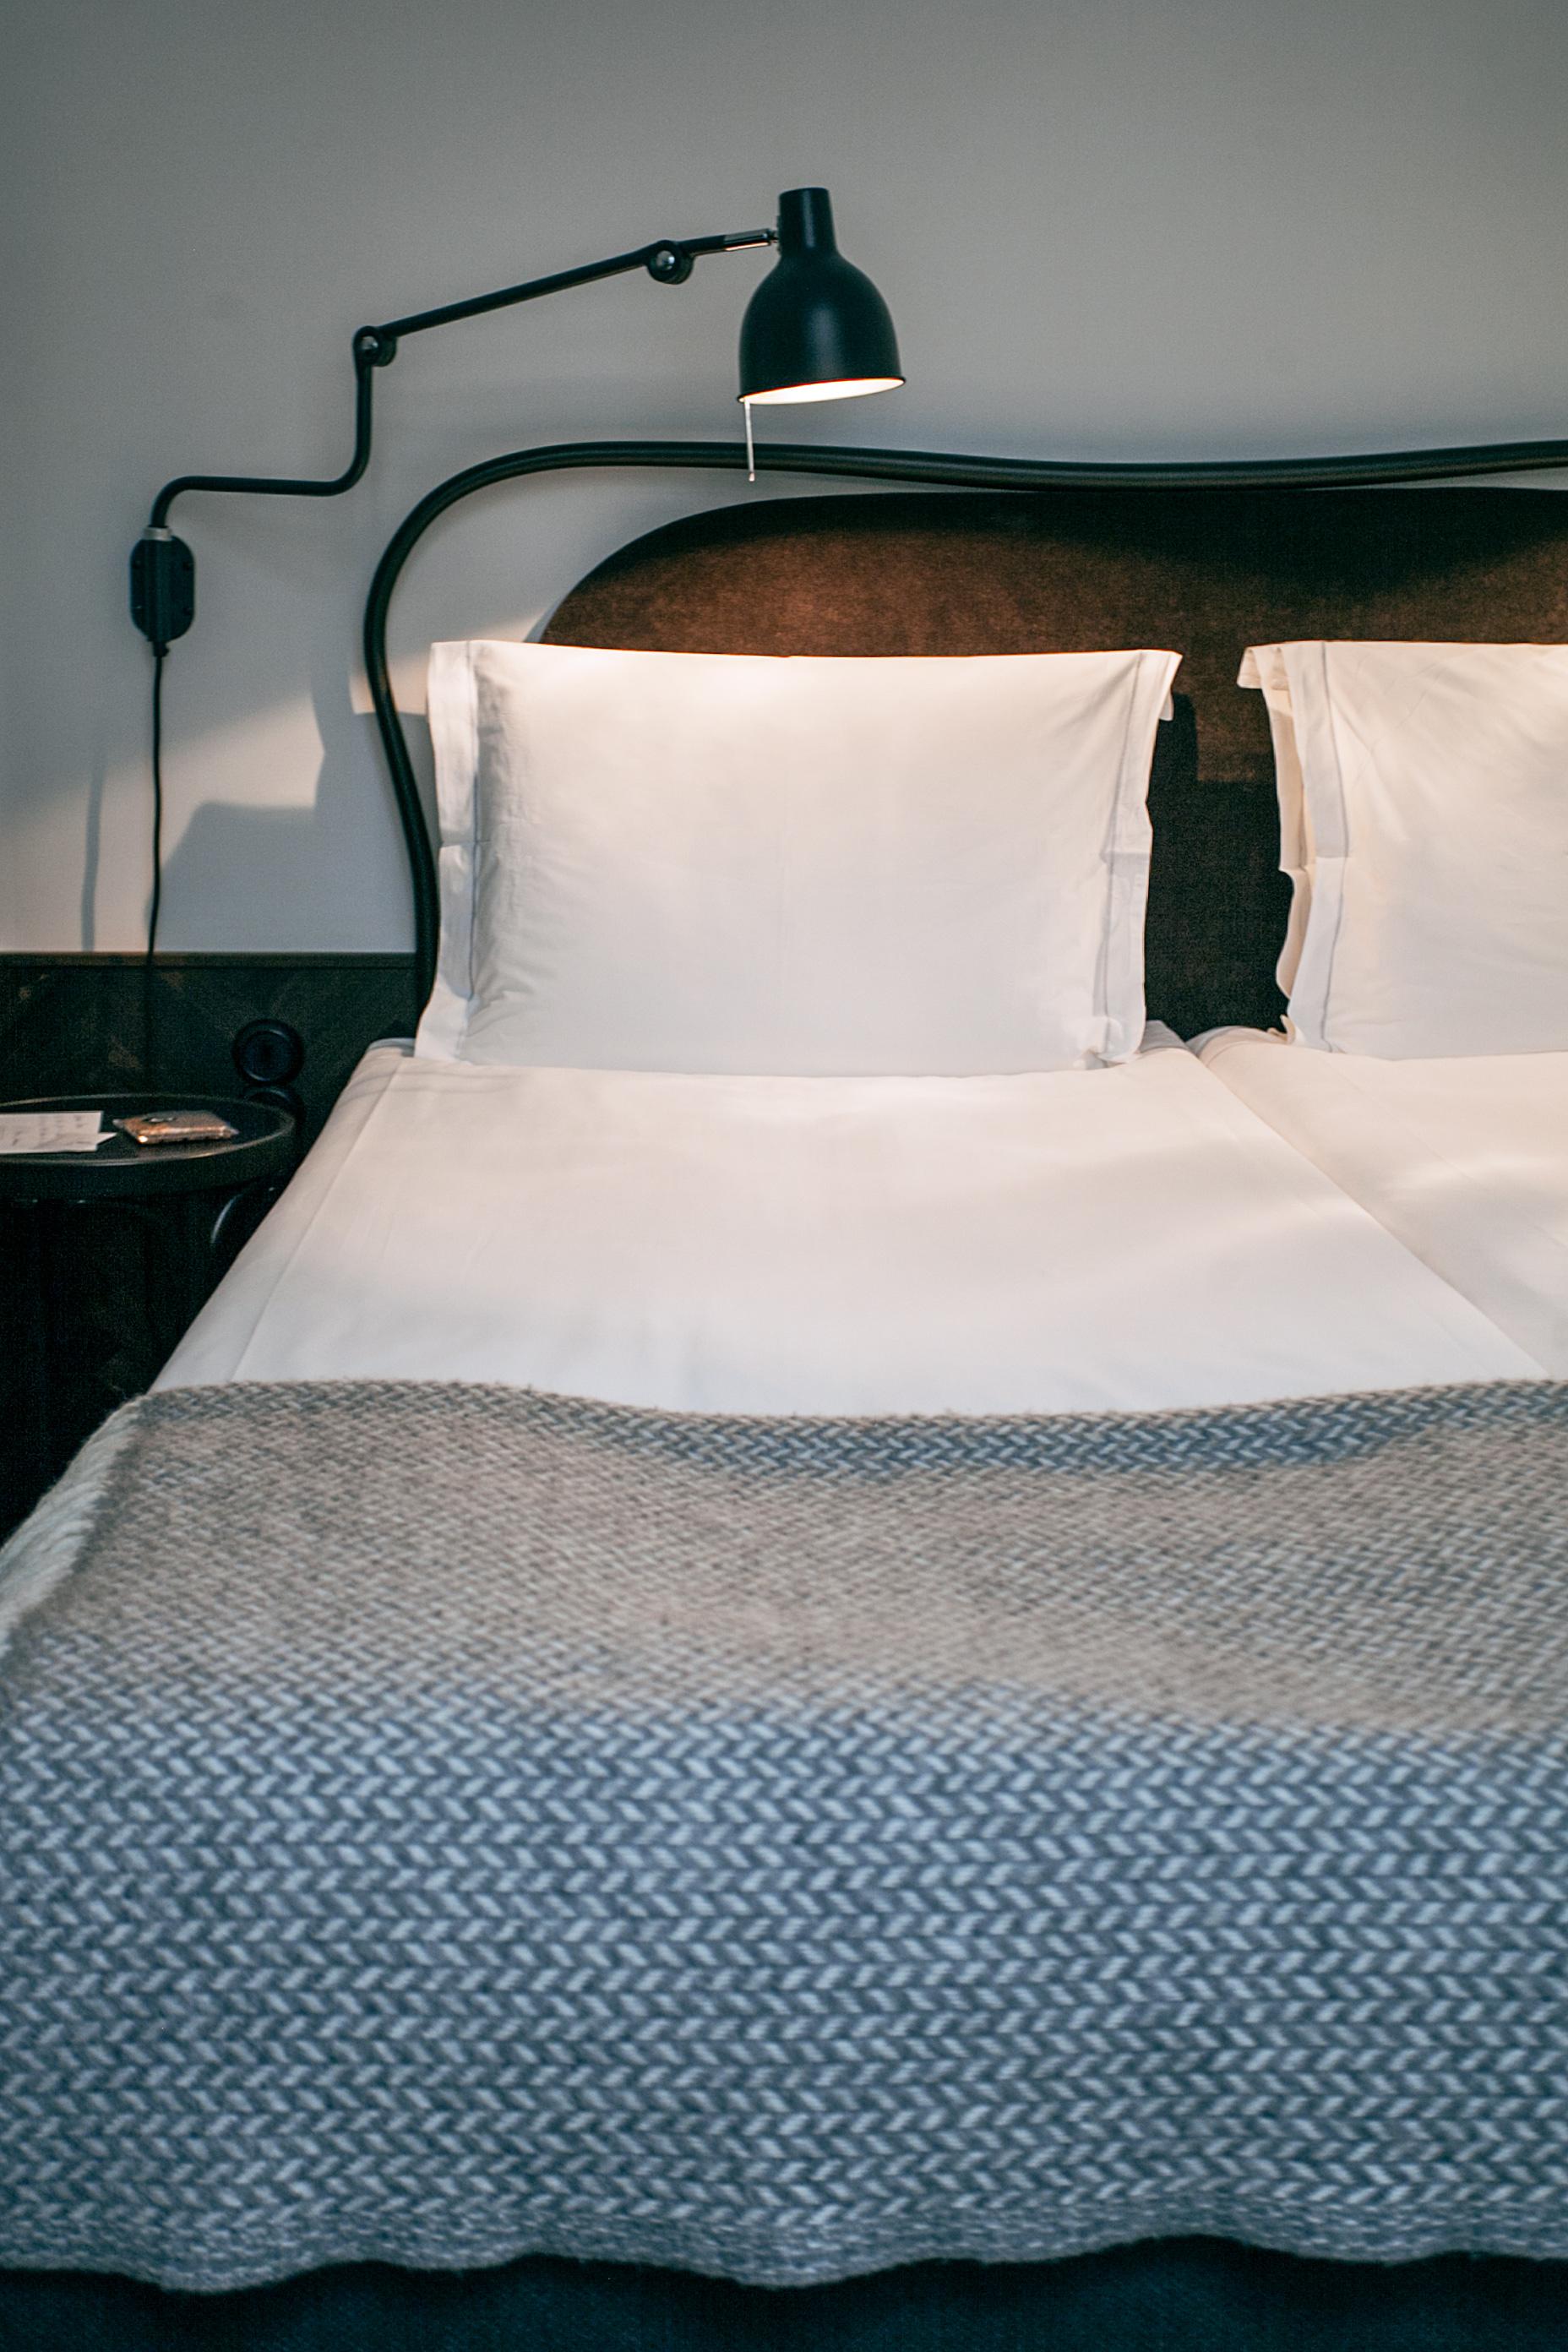 żarówka LED GU10 zamontowana w lampie przy łóżku